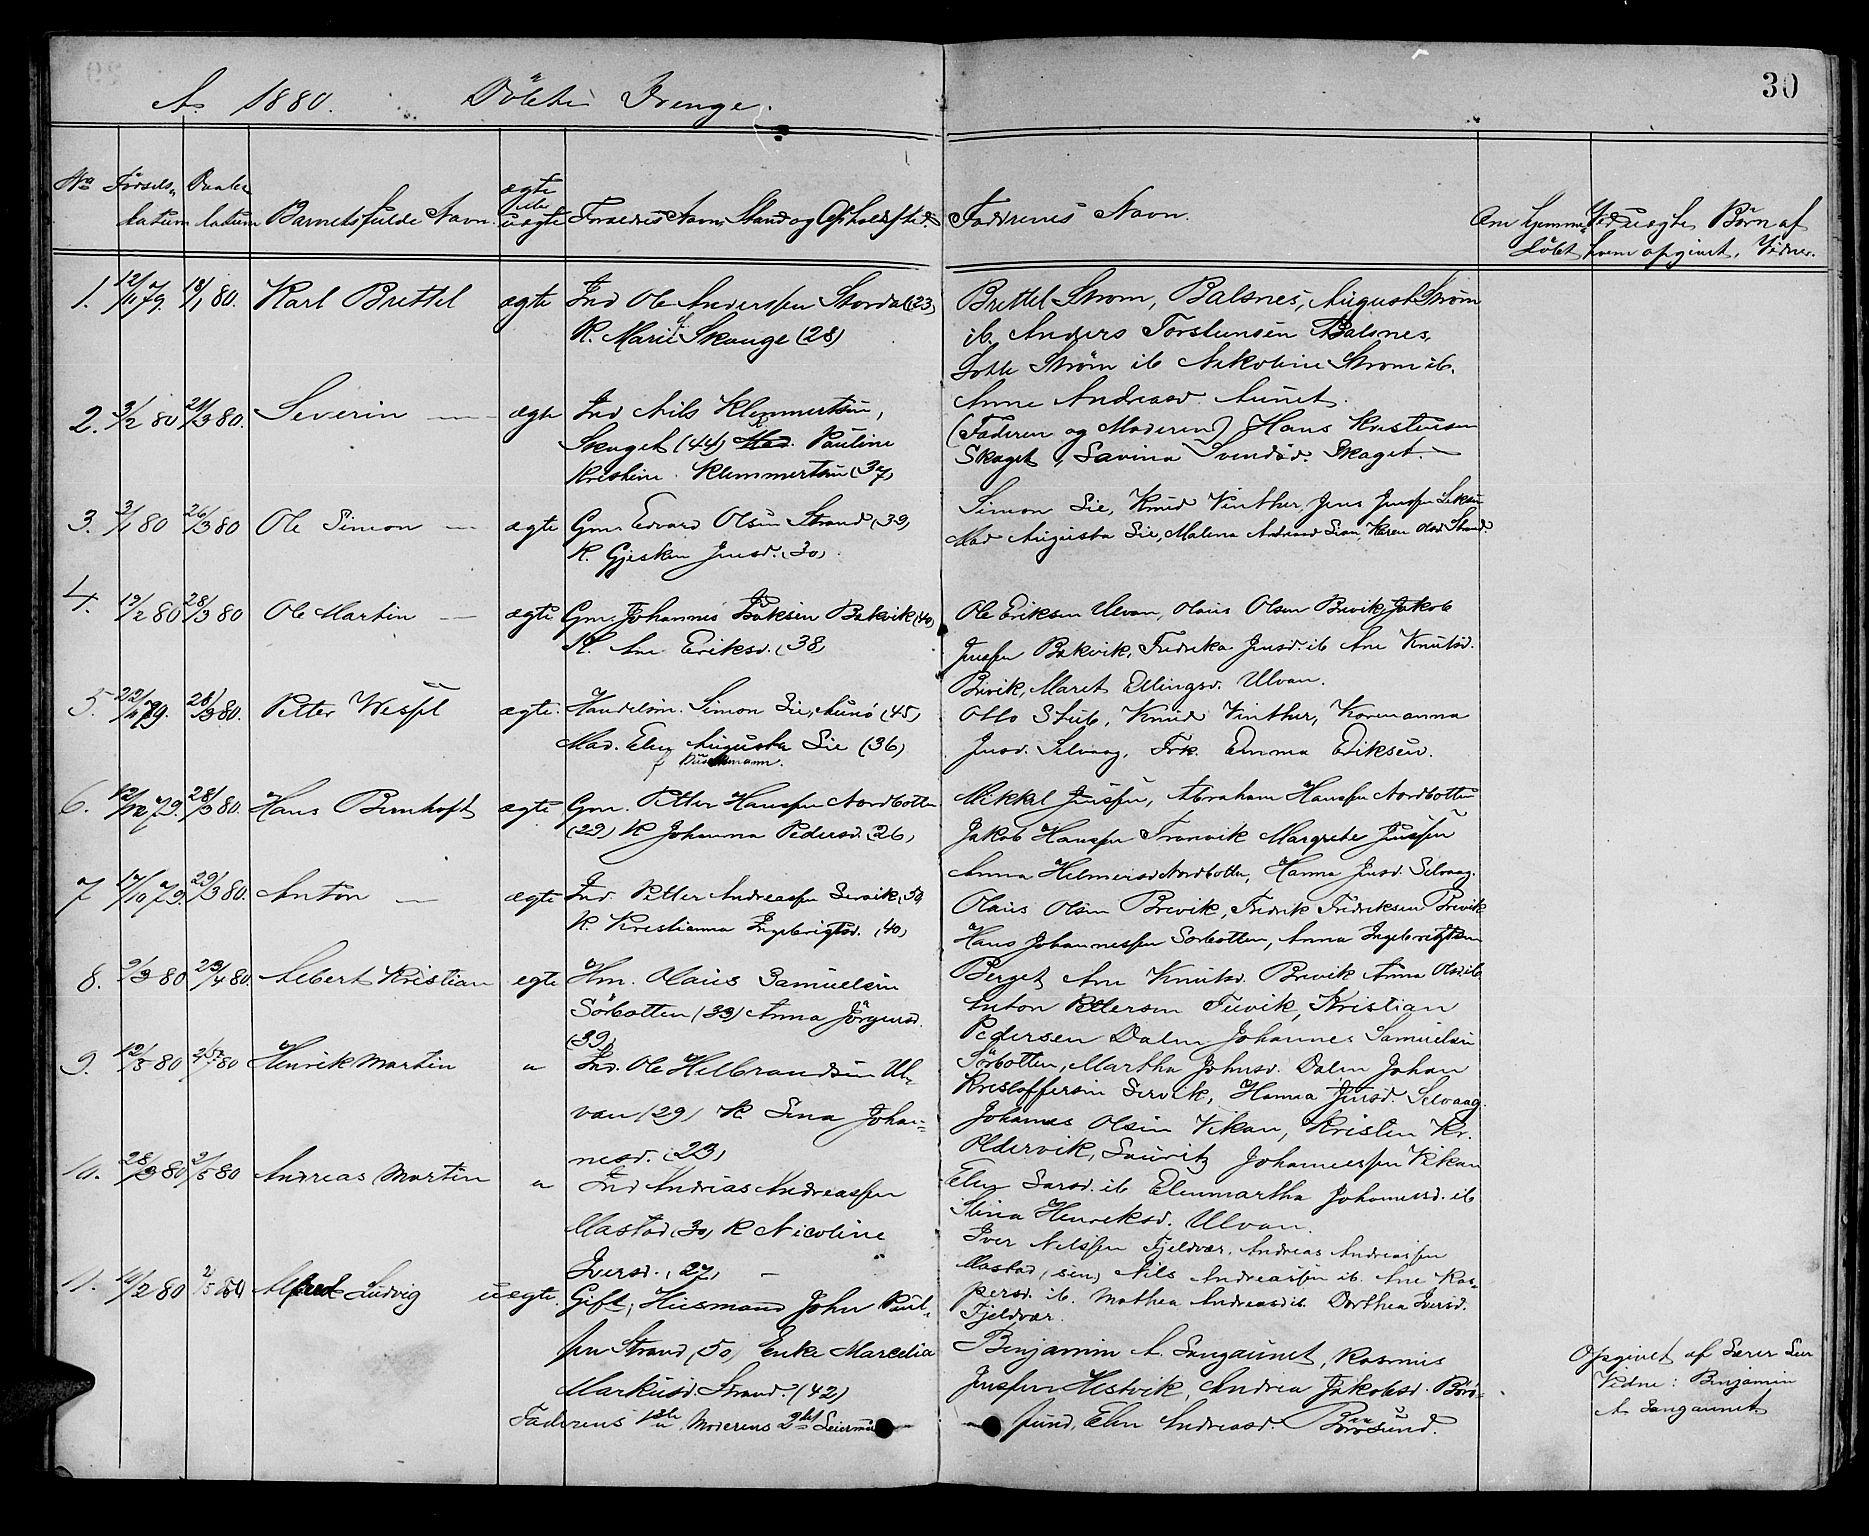 SAT, Ministerialprotokoller, klokkerbøker og fødselsregistre - Sør-Trøndelag, 637/L0561: Klokkerbok nr. 637C02, 1873-1882, s. 30